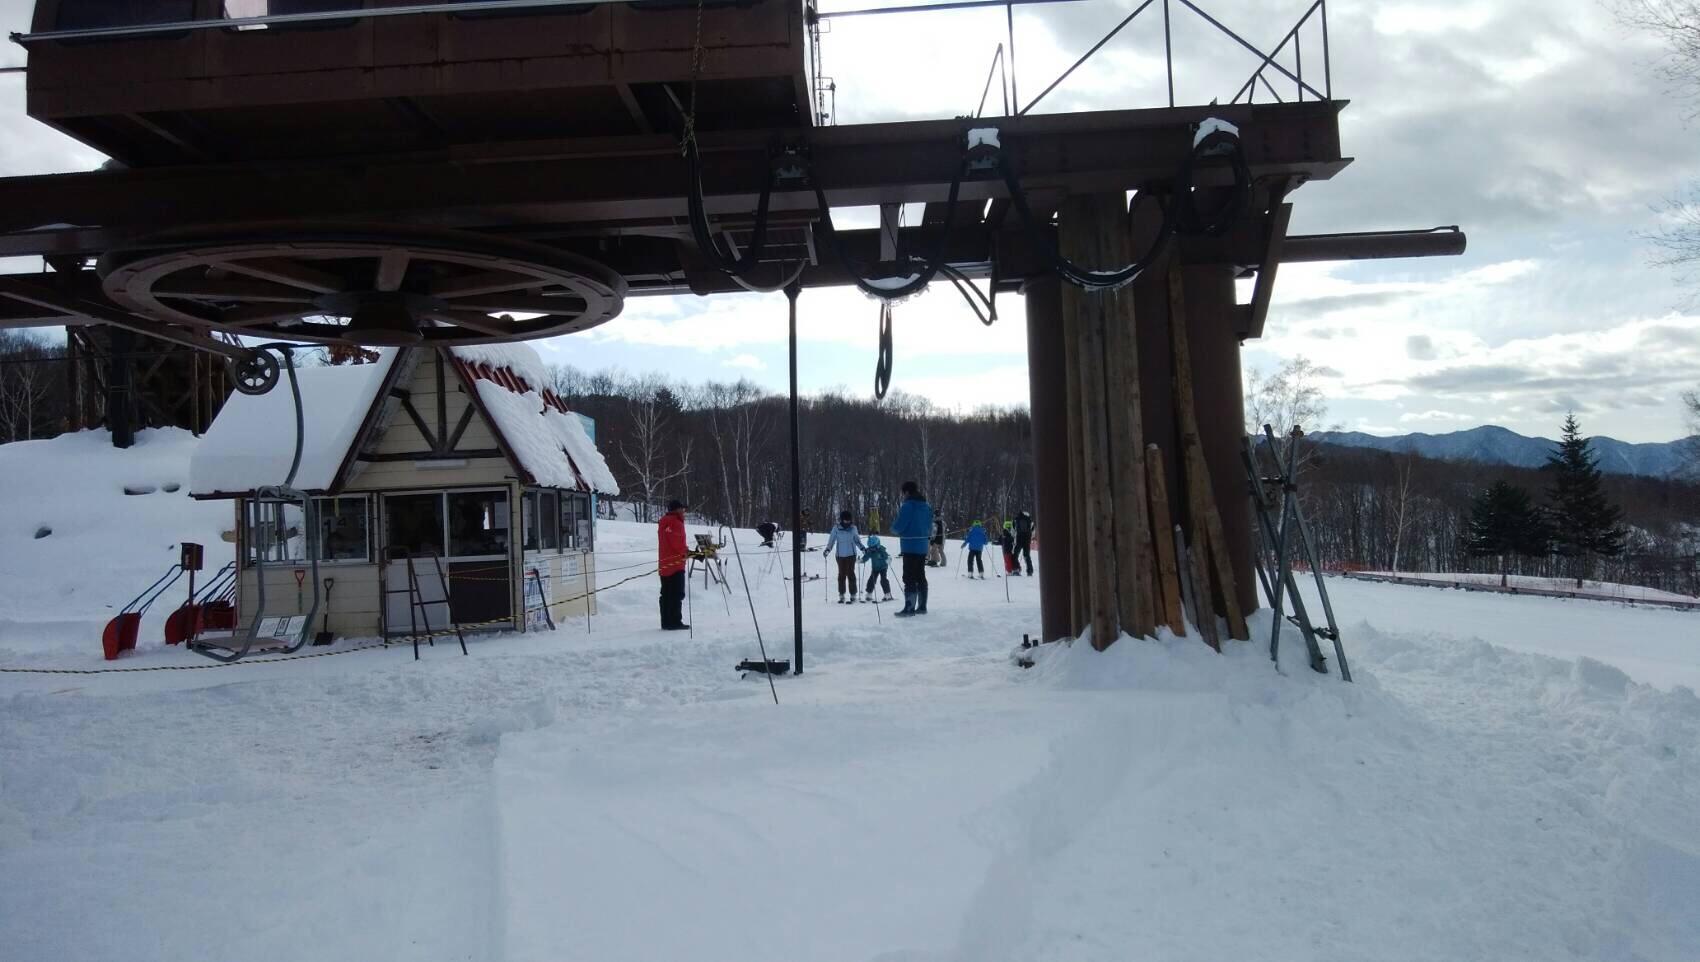 スキー 場 たかつえ 「たかつえ」 スキー場積雪天気情報